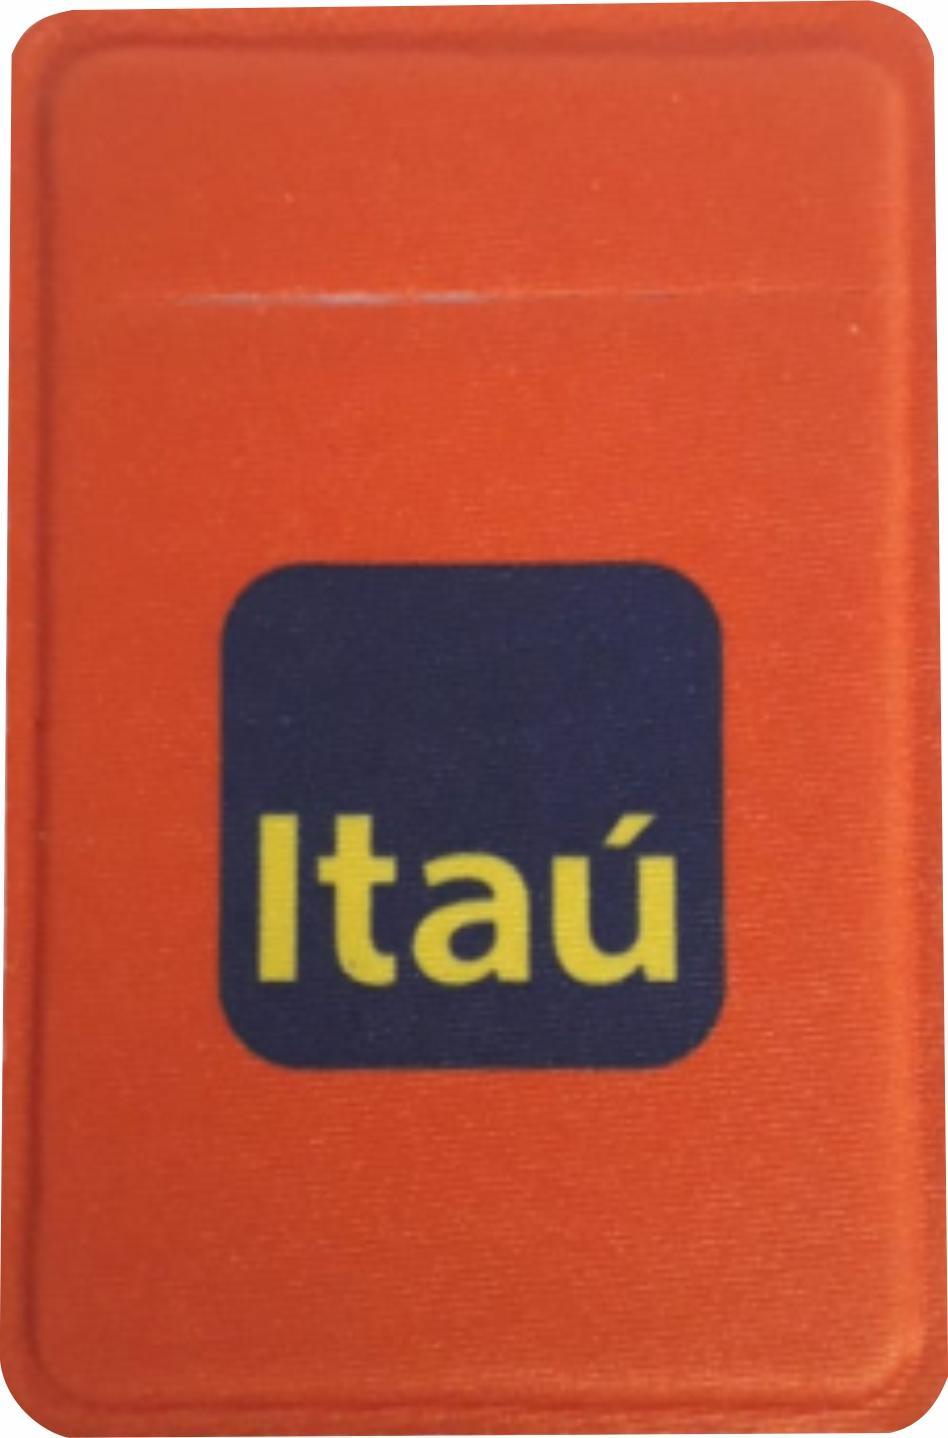 R$4,00 - Porta Cartão Para Celular Em Lycra Estilo Nubank Personalizado com Adesivo  - 10